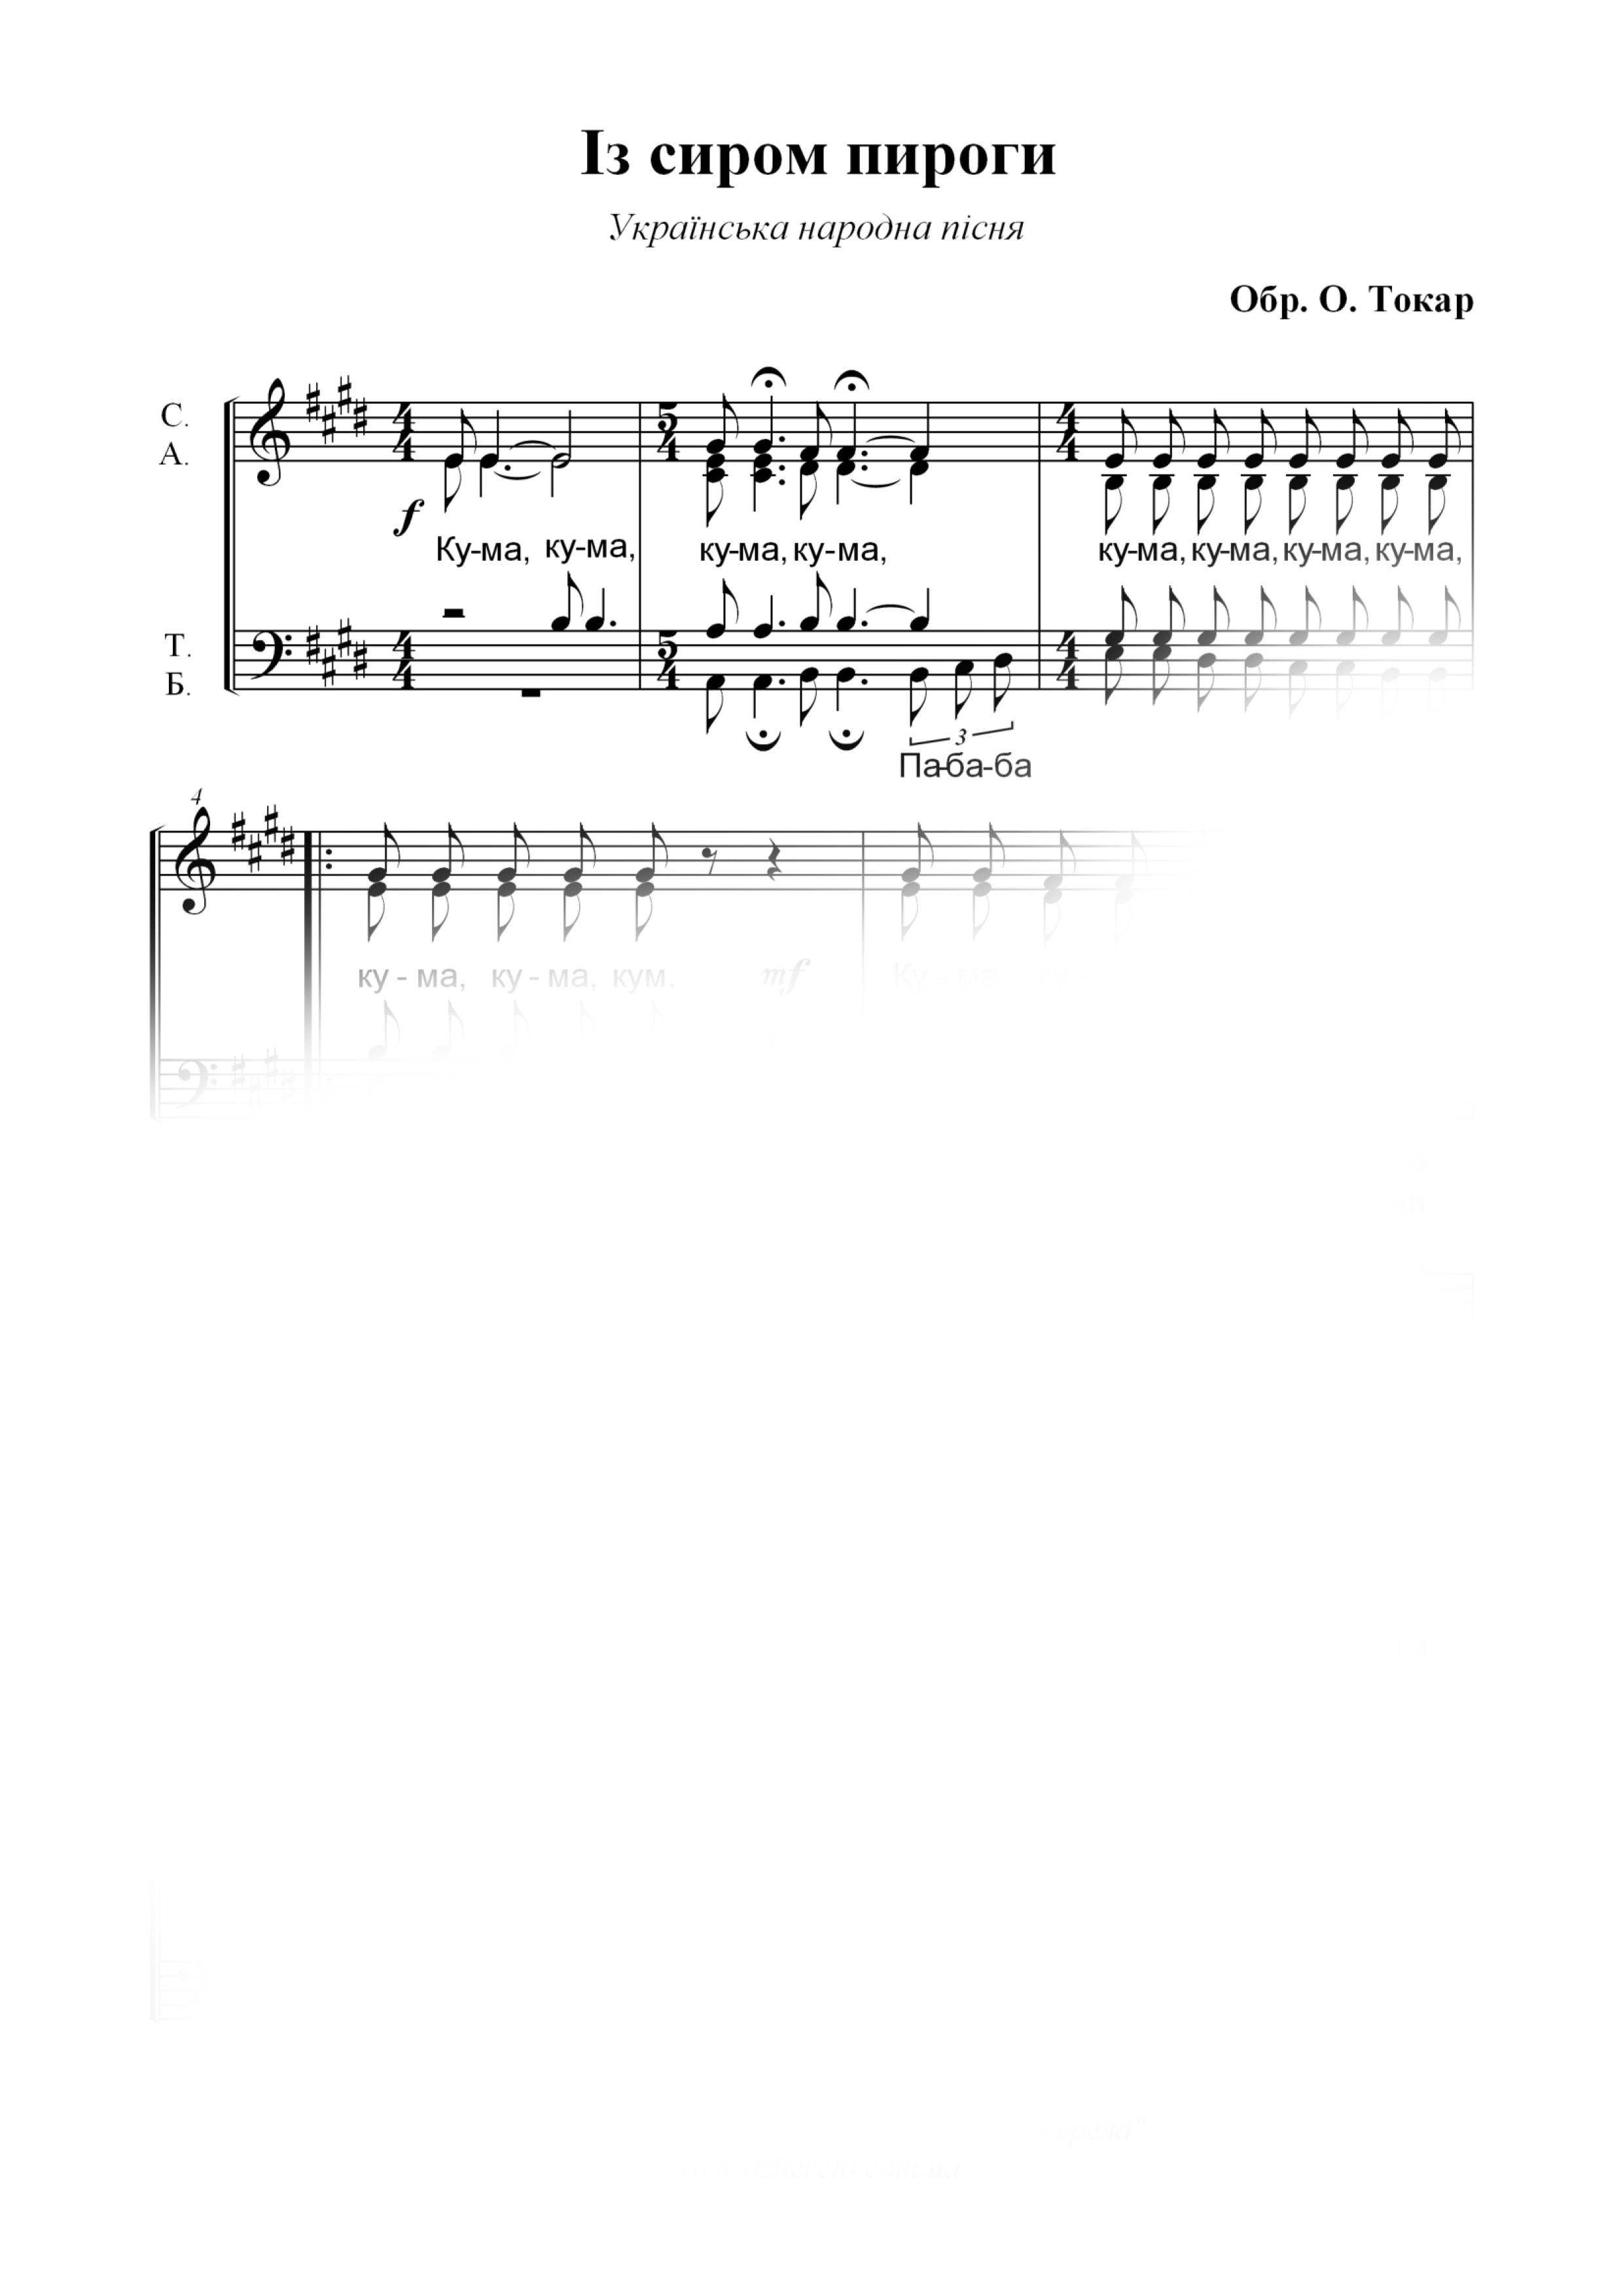 Гифка поет песня а капелла гиф картинка, скачать анимированный gif.